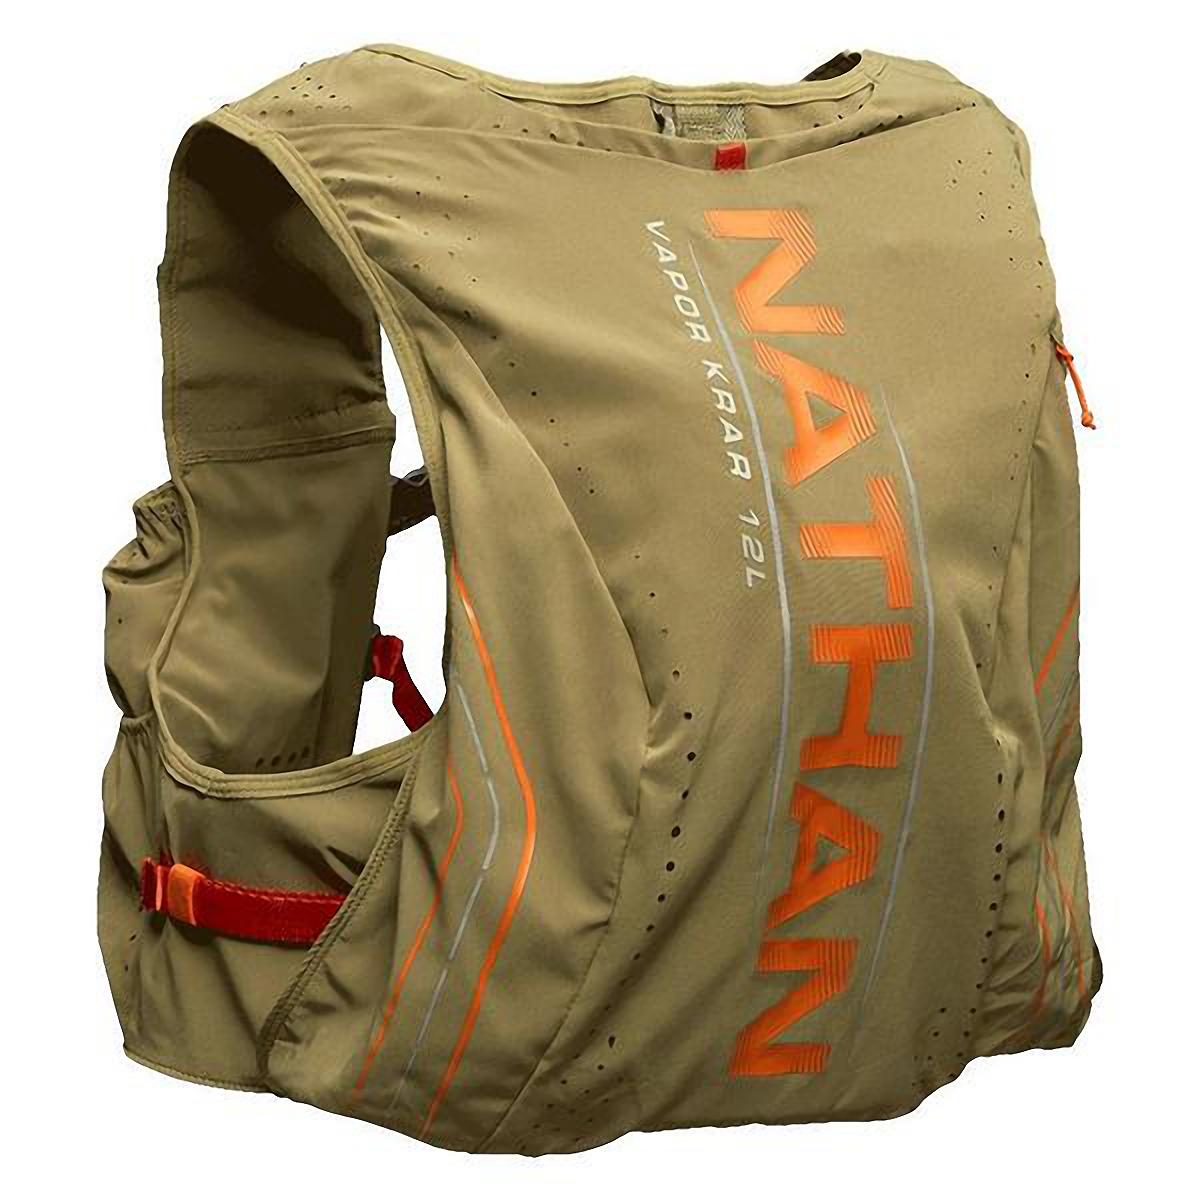 Men's Nathan Vaporkrar 2.0 12 L Race Vest - Color: Mosstone/Exuberance - Size: S, Mosstone/Exuberance, large, image 2